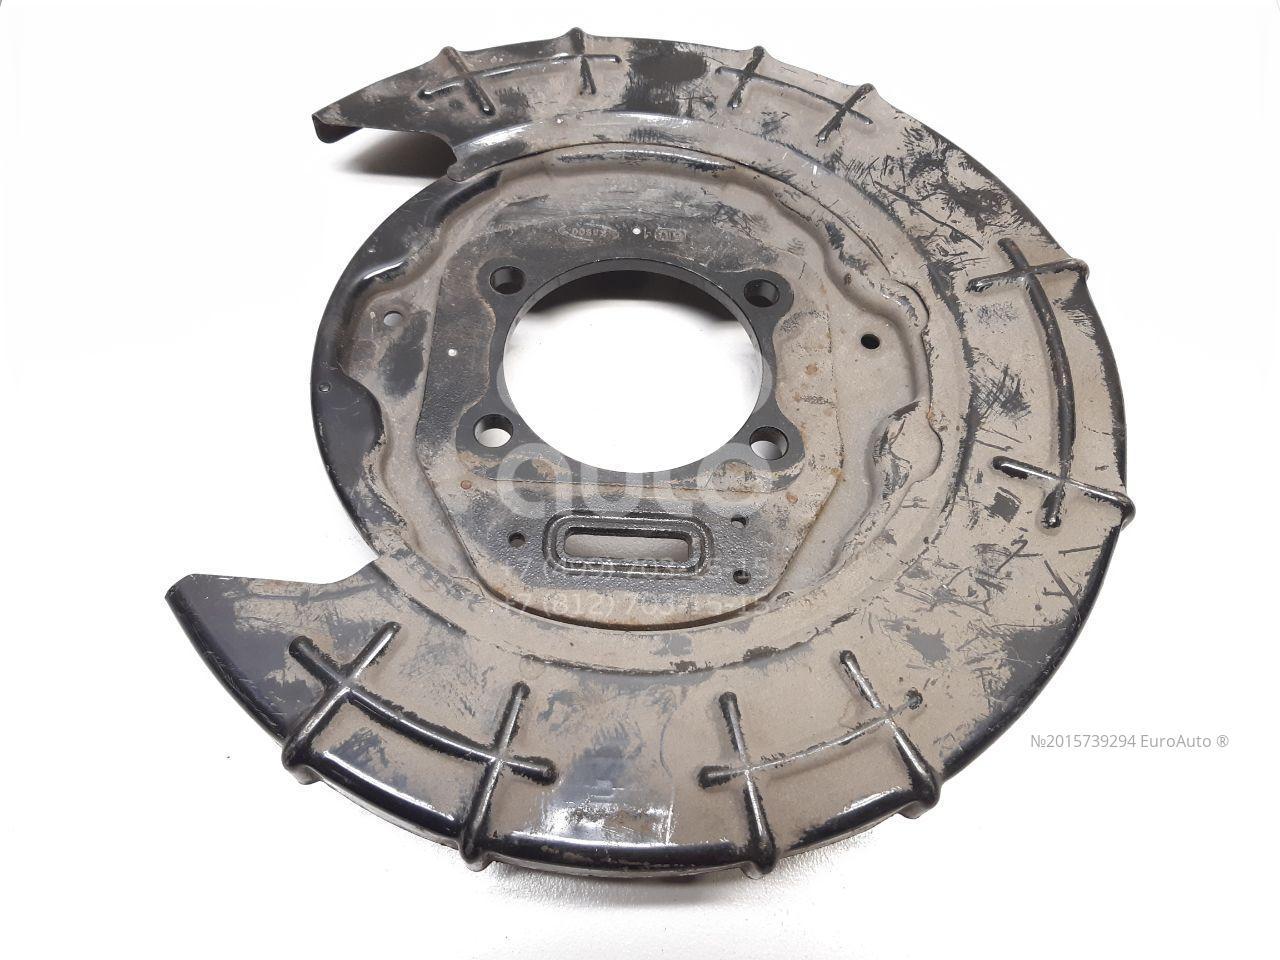 Щит опорный задний правый для Hyundai ix55 2007-2013 - Фото №1